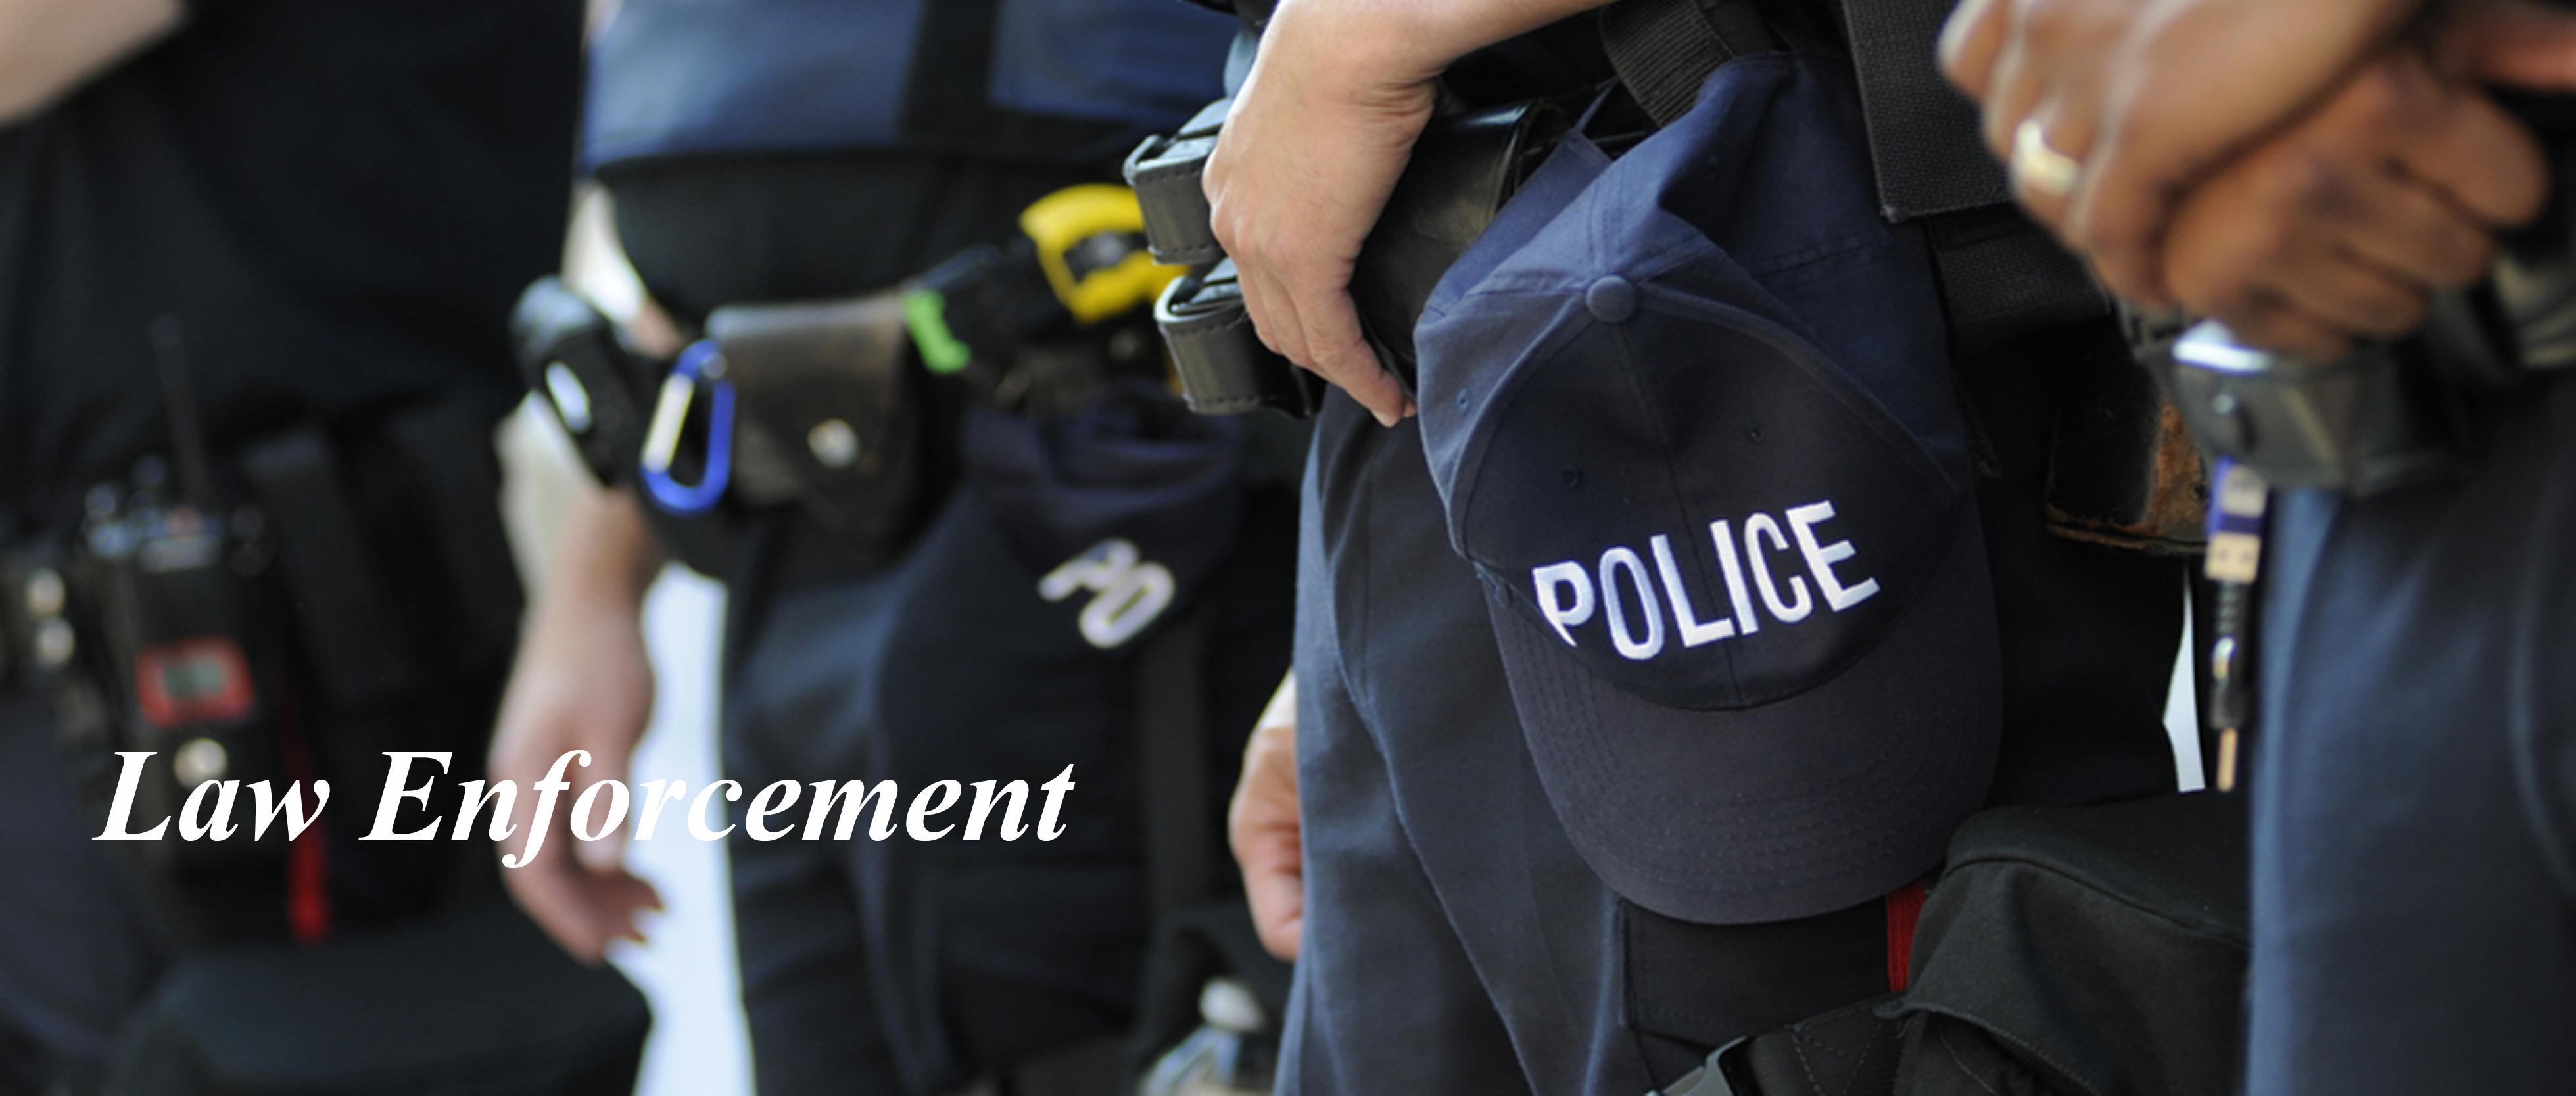 Law Enforcement 111